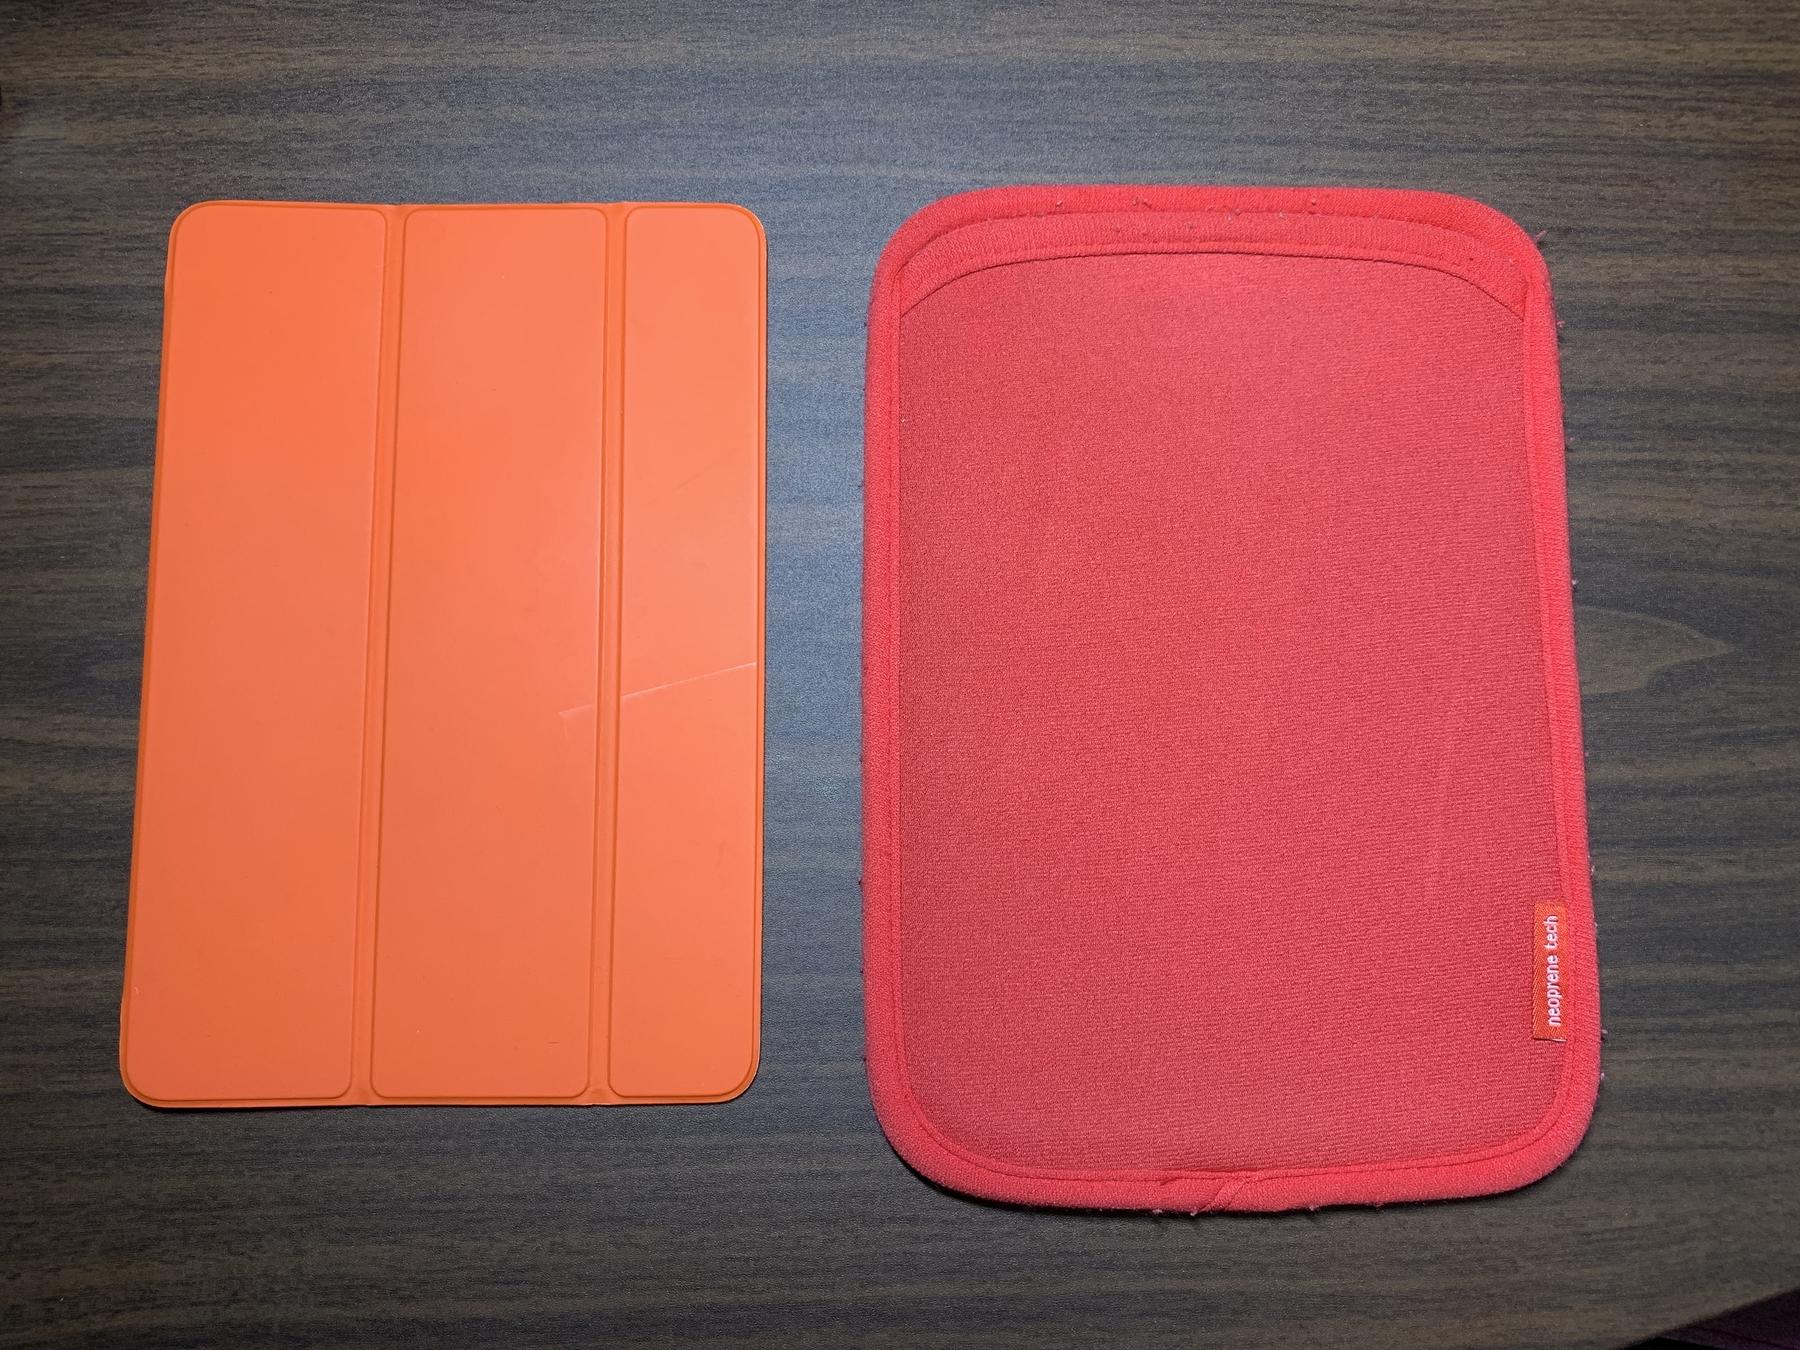 今まで使用していたiPad mini用ケースやカバーは使える?